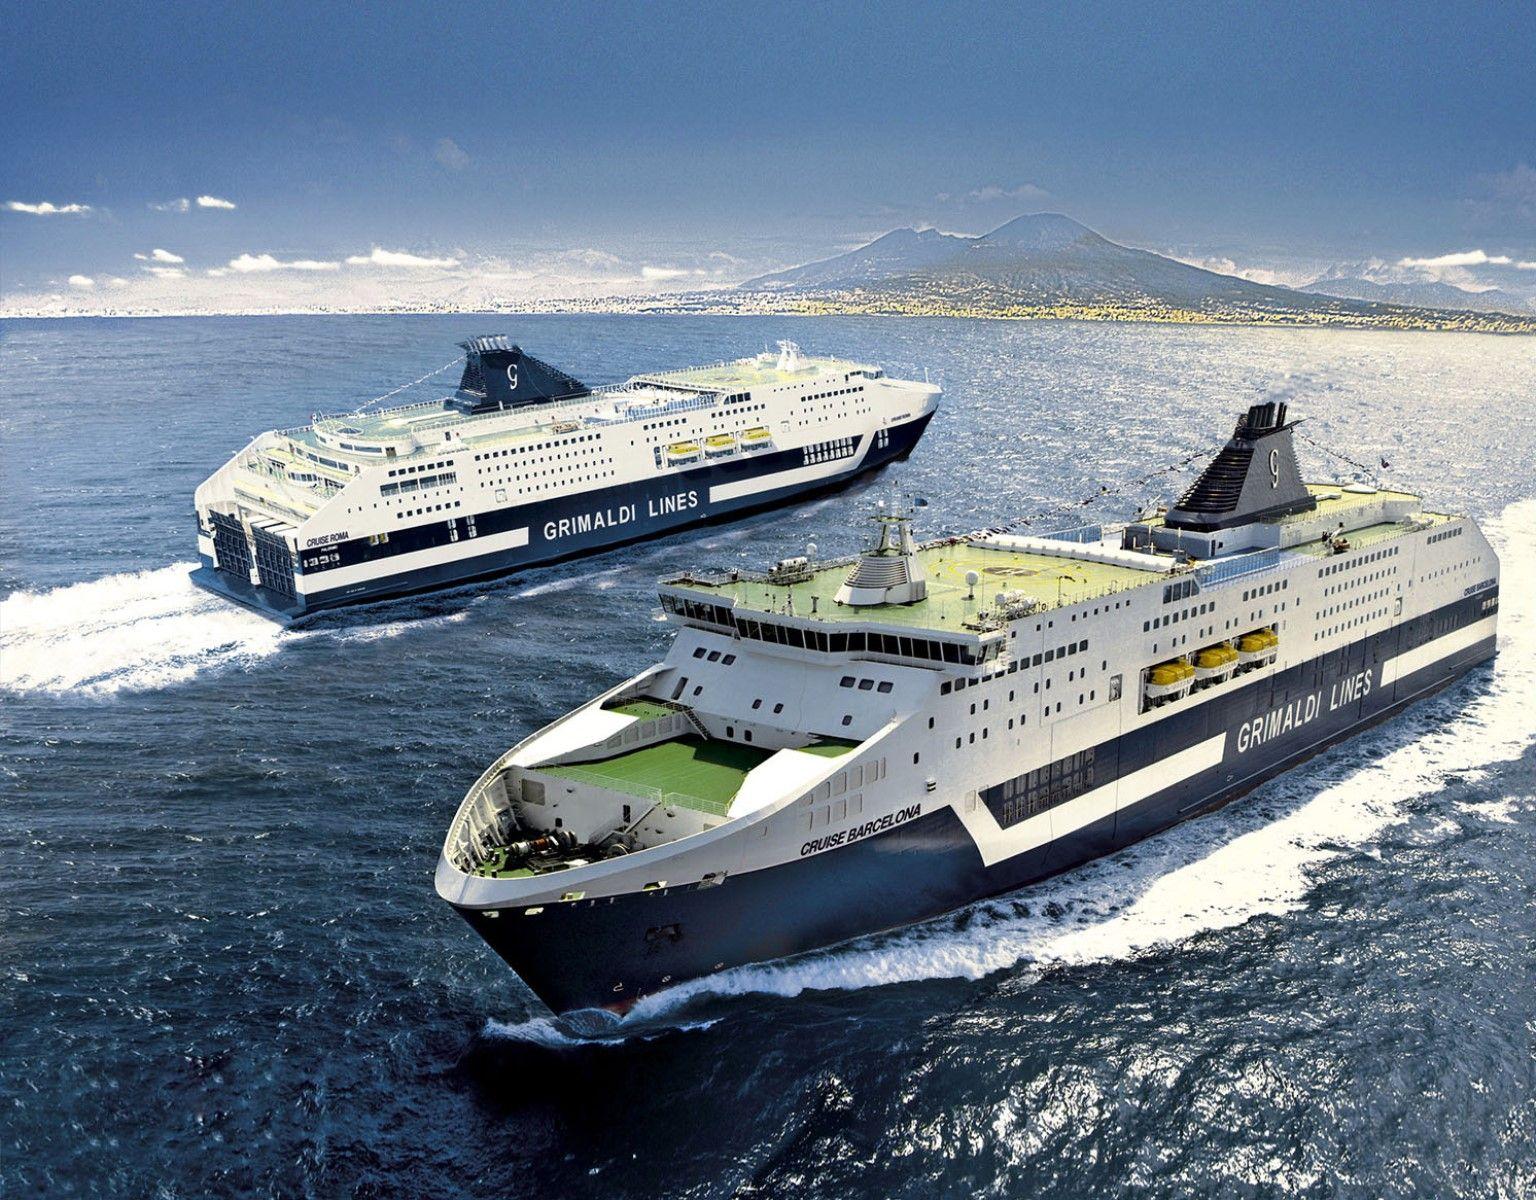 BARCELONA SPANNABIS KRSTARENJE: Krstarenje Genova - Barcelona - Genova